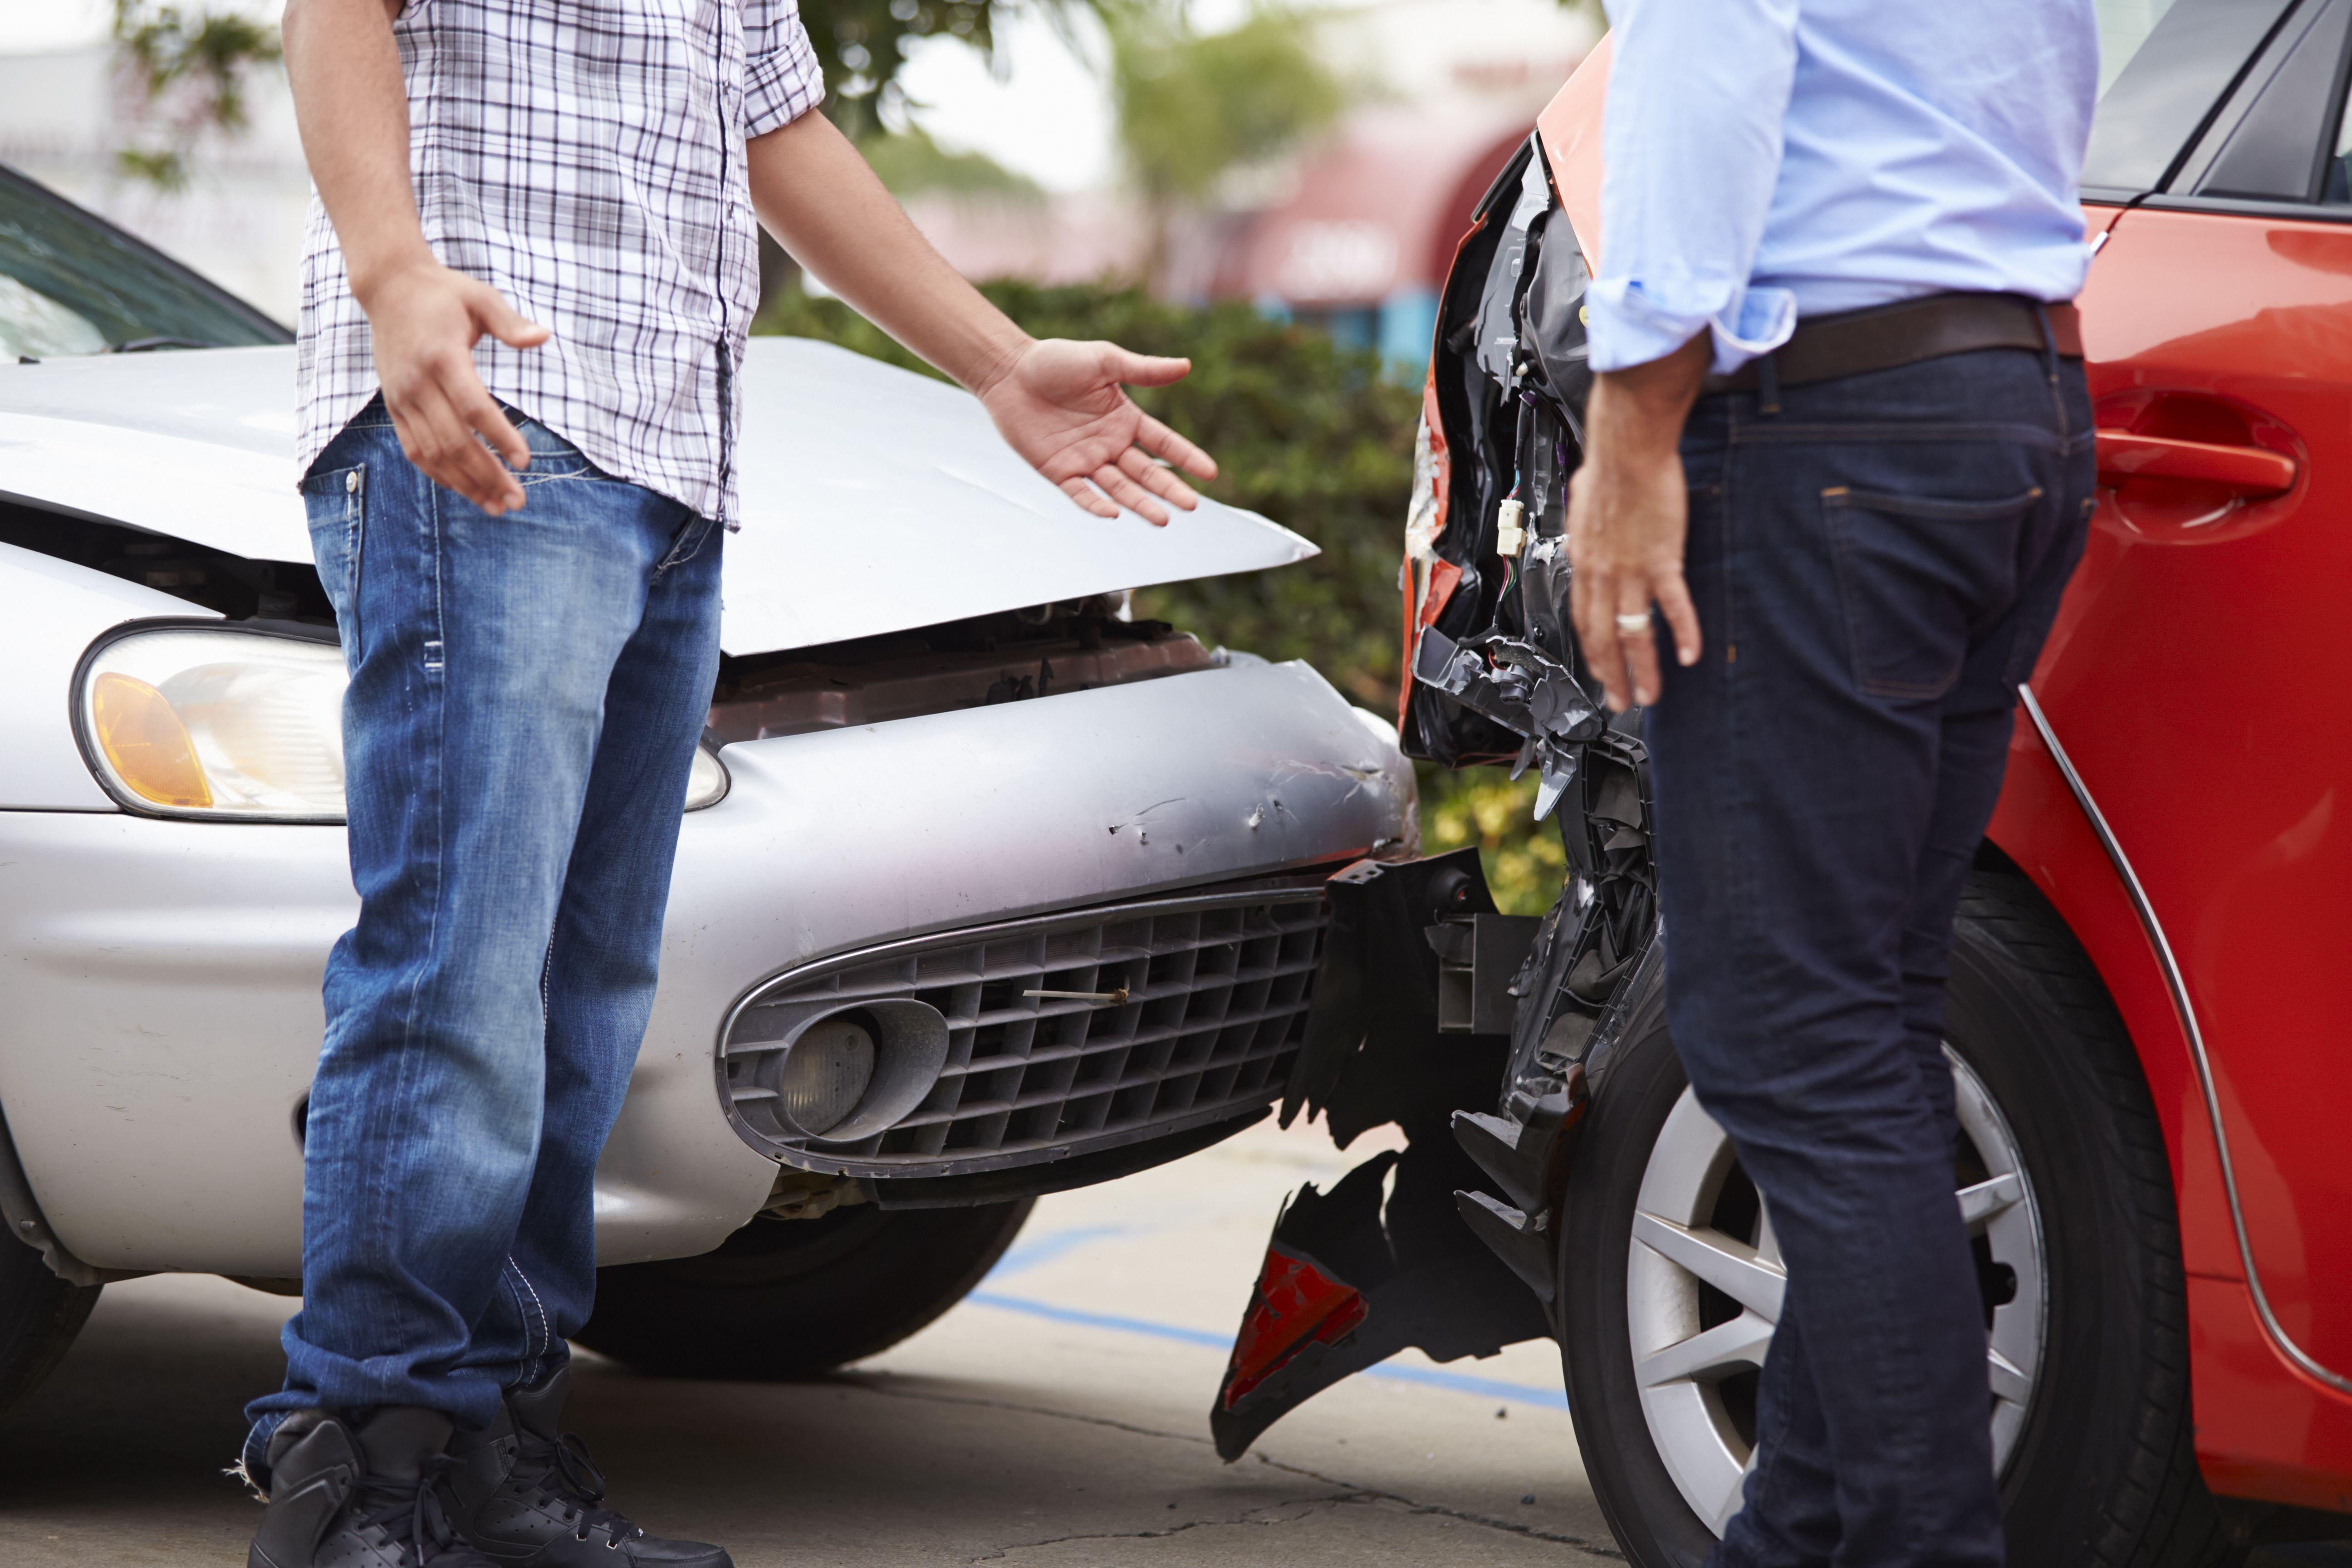 Seguro de accidentes: Seguros de Seguros Malumbres - Zurich